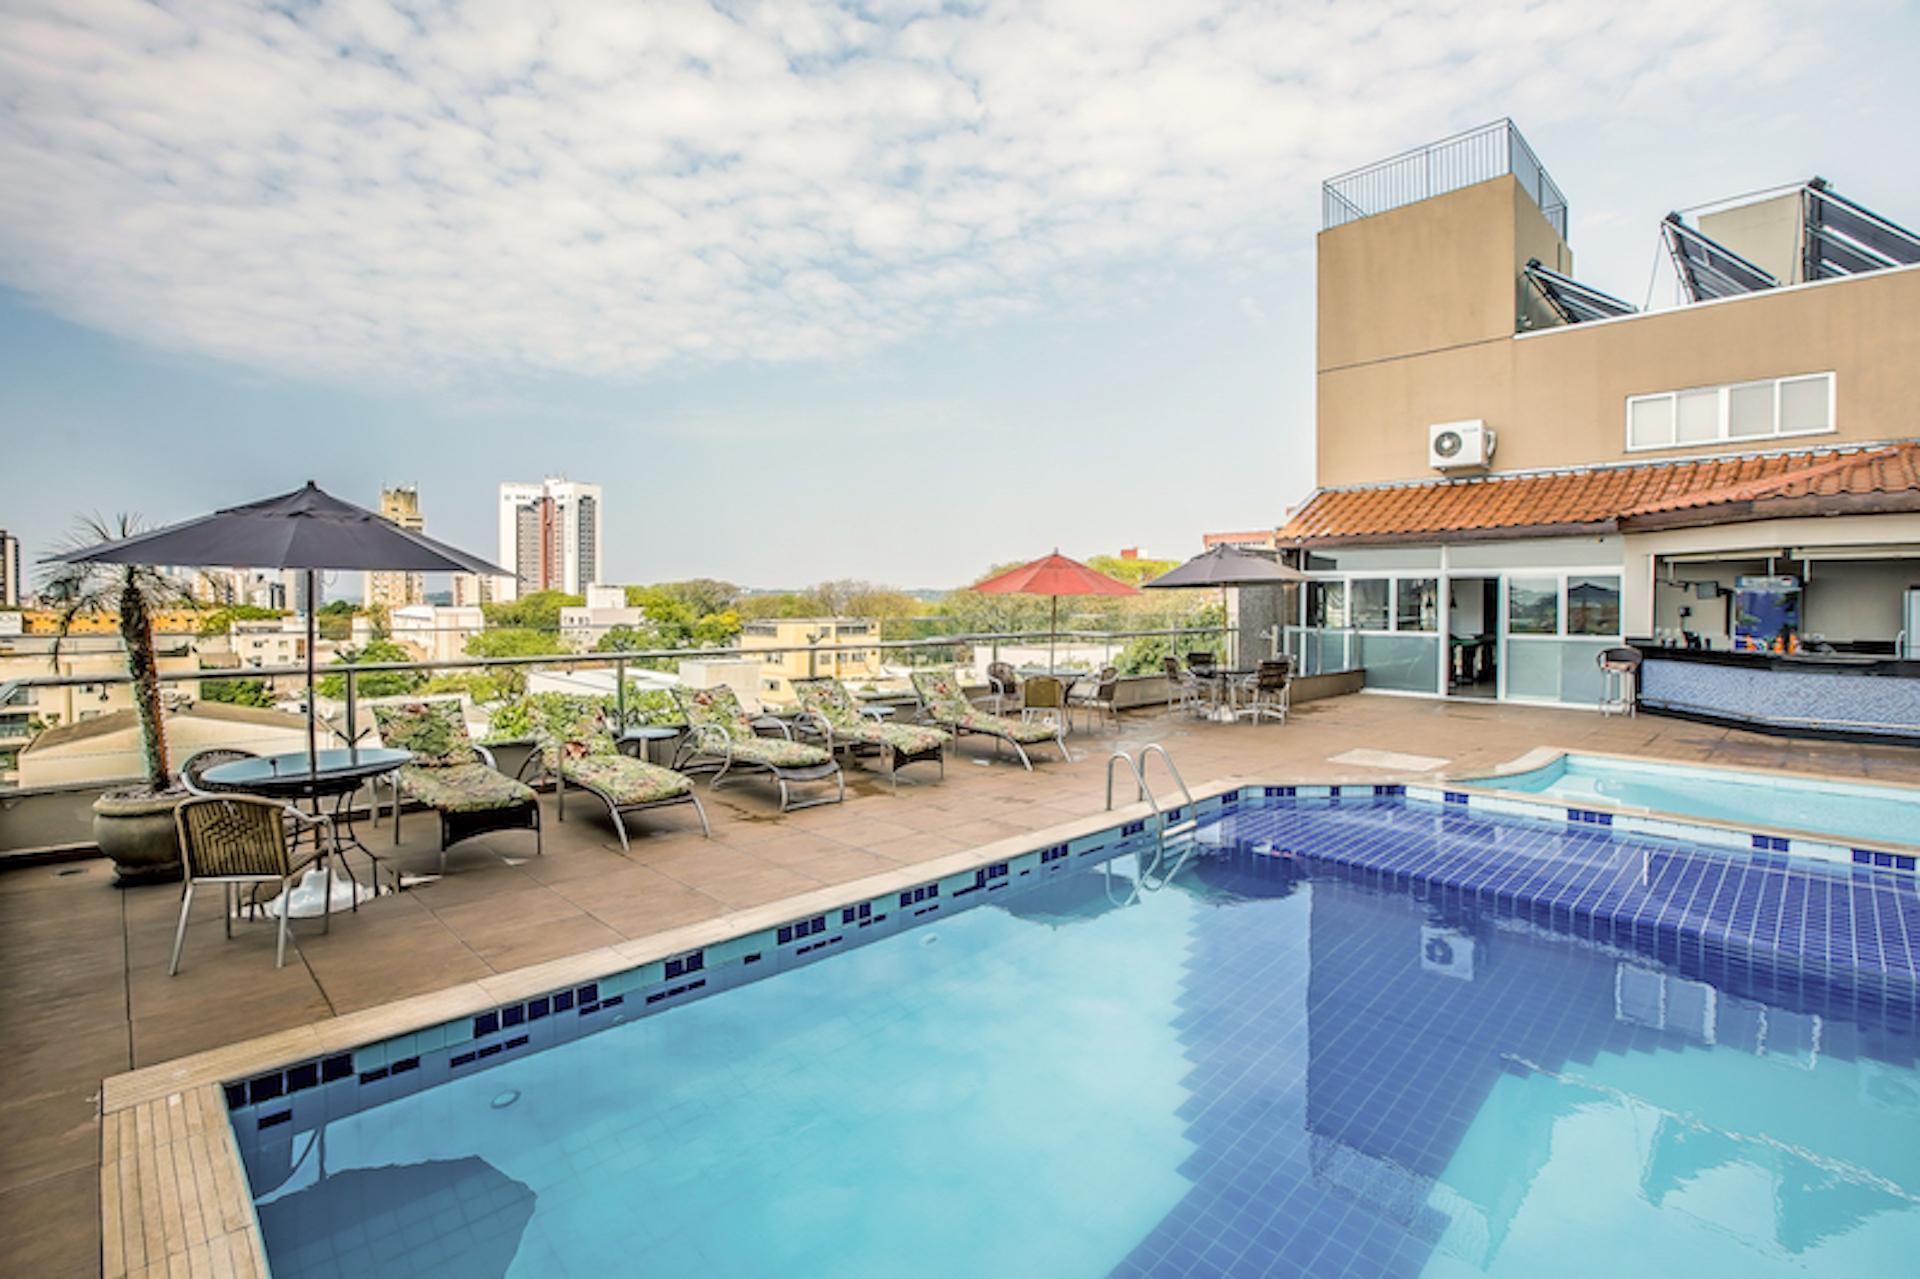 Aussenansicht mit Pool des Hotel Del Rey in Foz do Iguacu, Brasilien